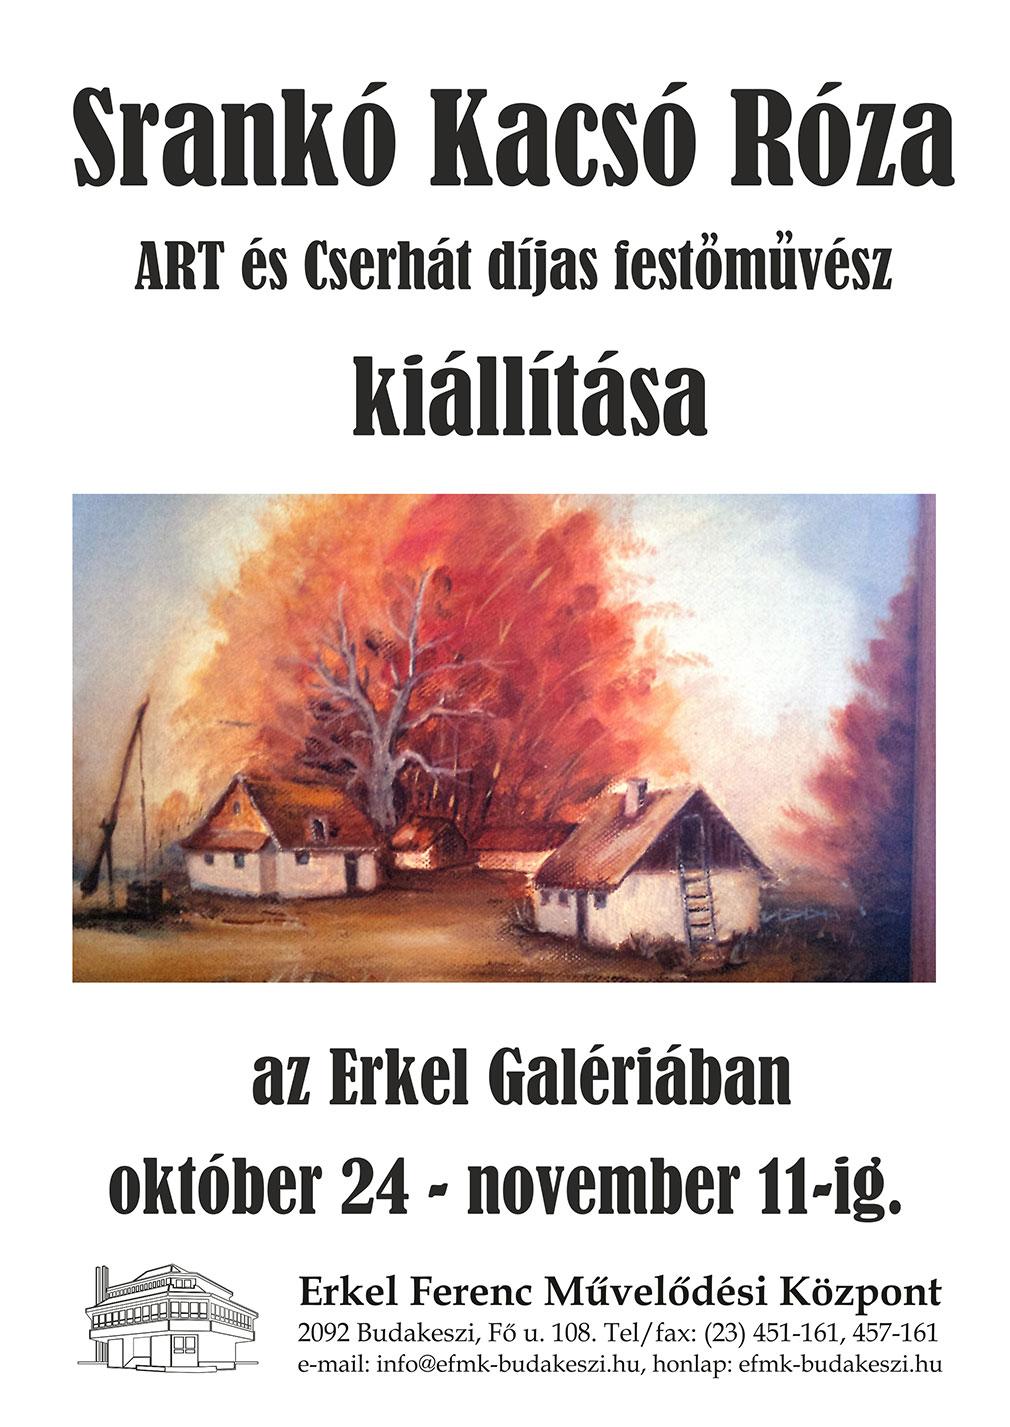 Srankó Kacsó Róza festőművész kiállítása